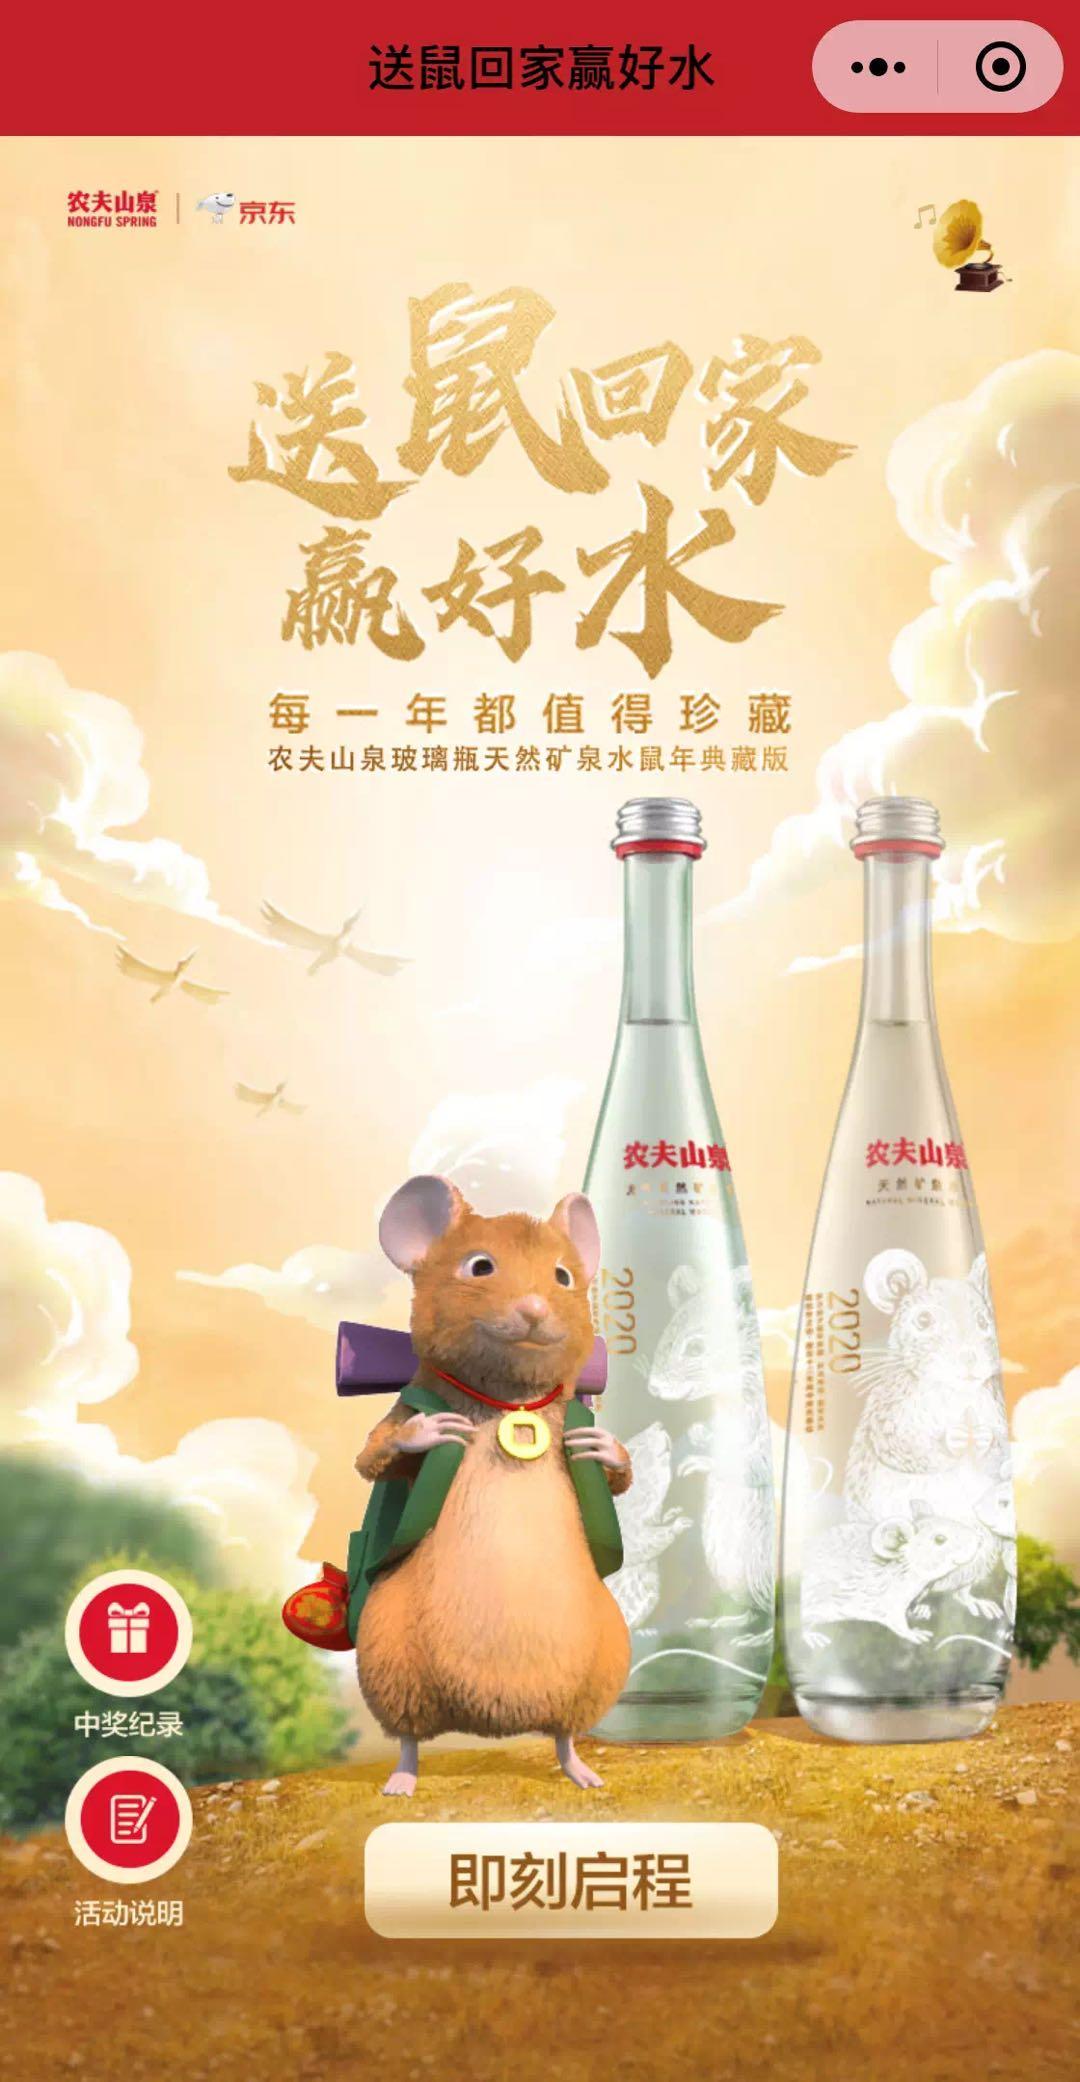 2020农夫山泉送鼠回家赢好水 抽典藏版玻璃瓶矿泉水(附地址链接)